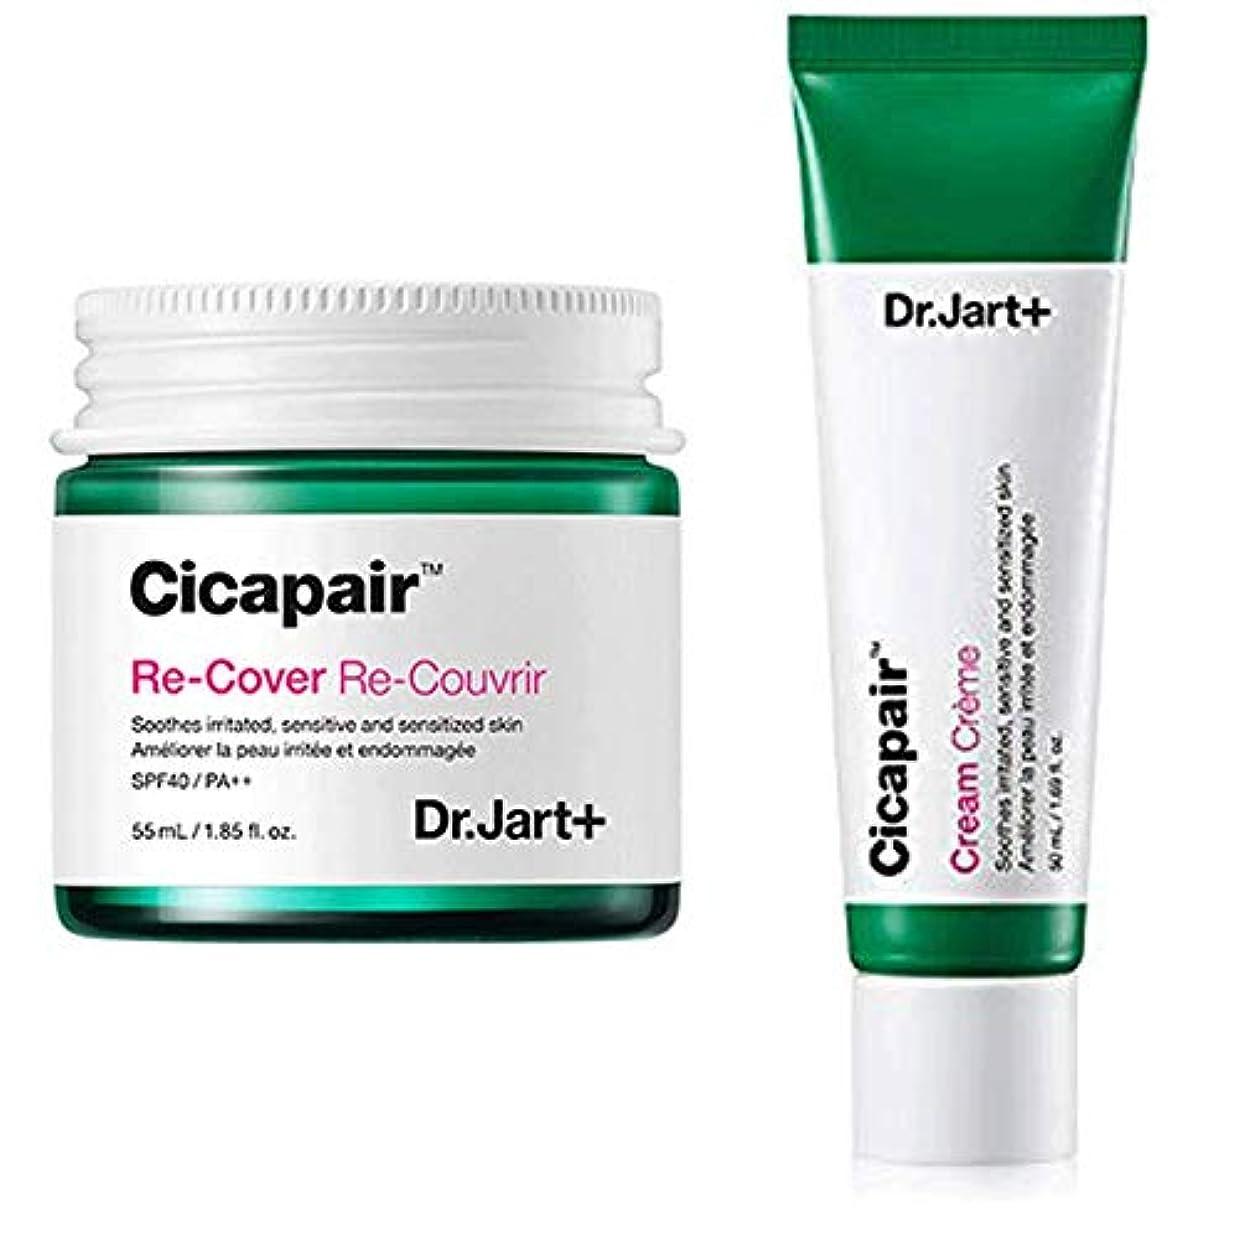 バブルシェトランド諸島補正Dr.Jart+ Cicapair Cream + ReCover ドクタージャルトシカペアクリーム50ml + リカバー 55ml (2代目) セット [並行輸入品]